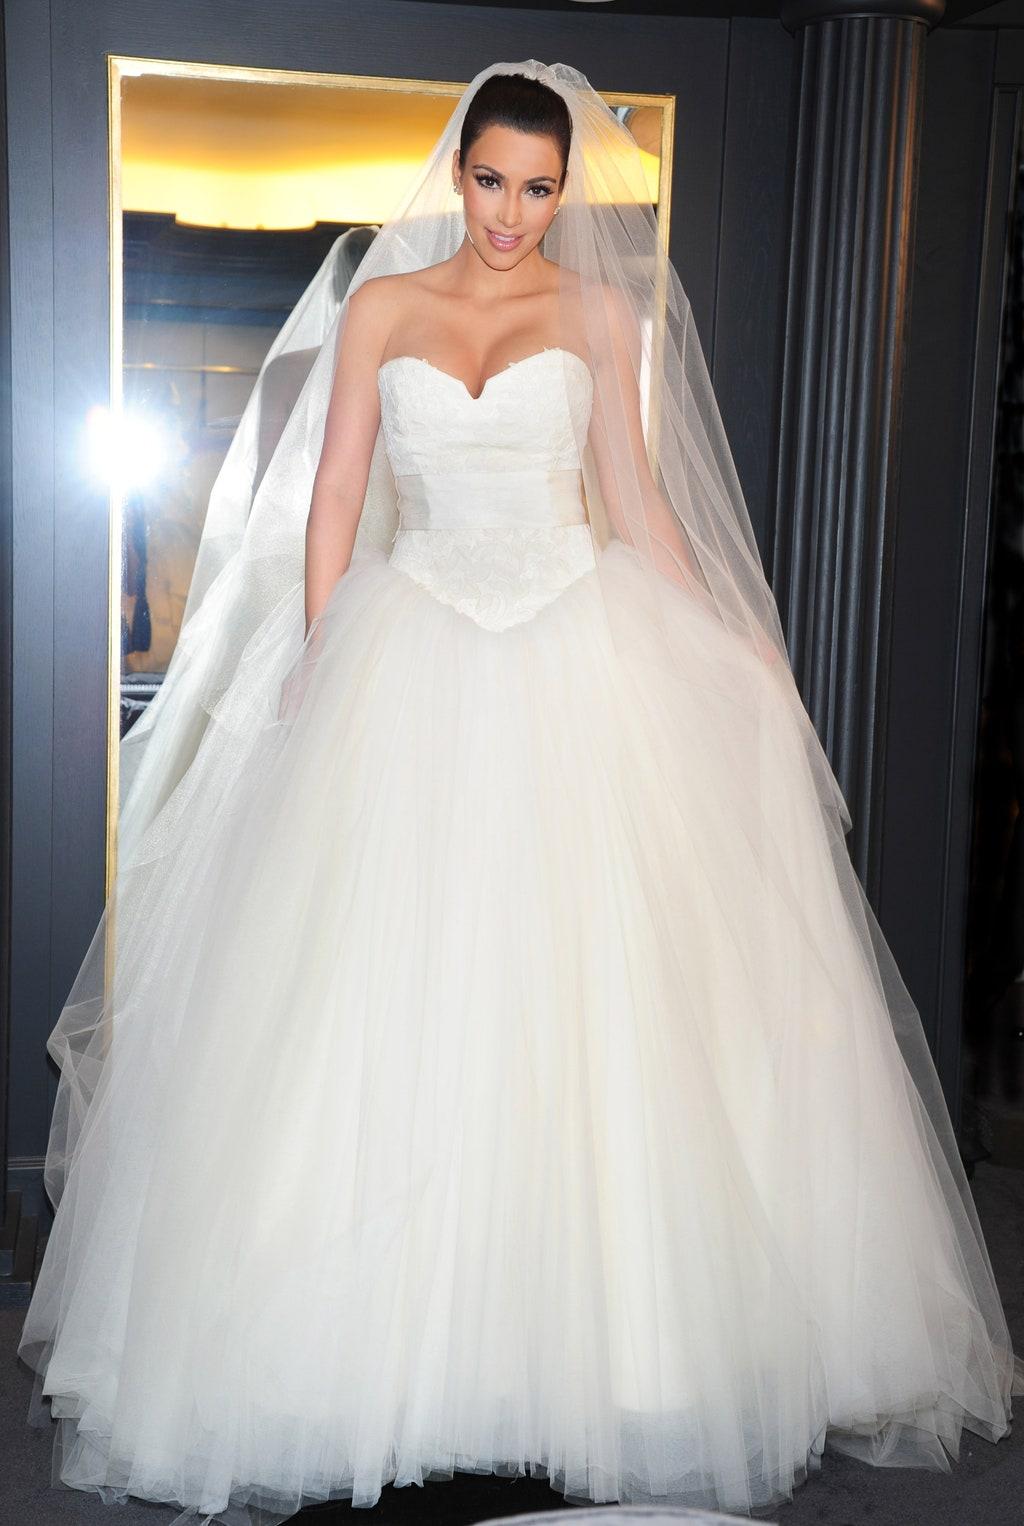 Kim Kardashian 2011-ben - bár Chris Humphrey-vel kötött házassága kérészéletű volt